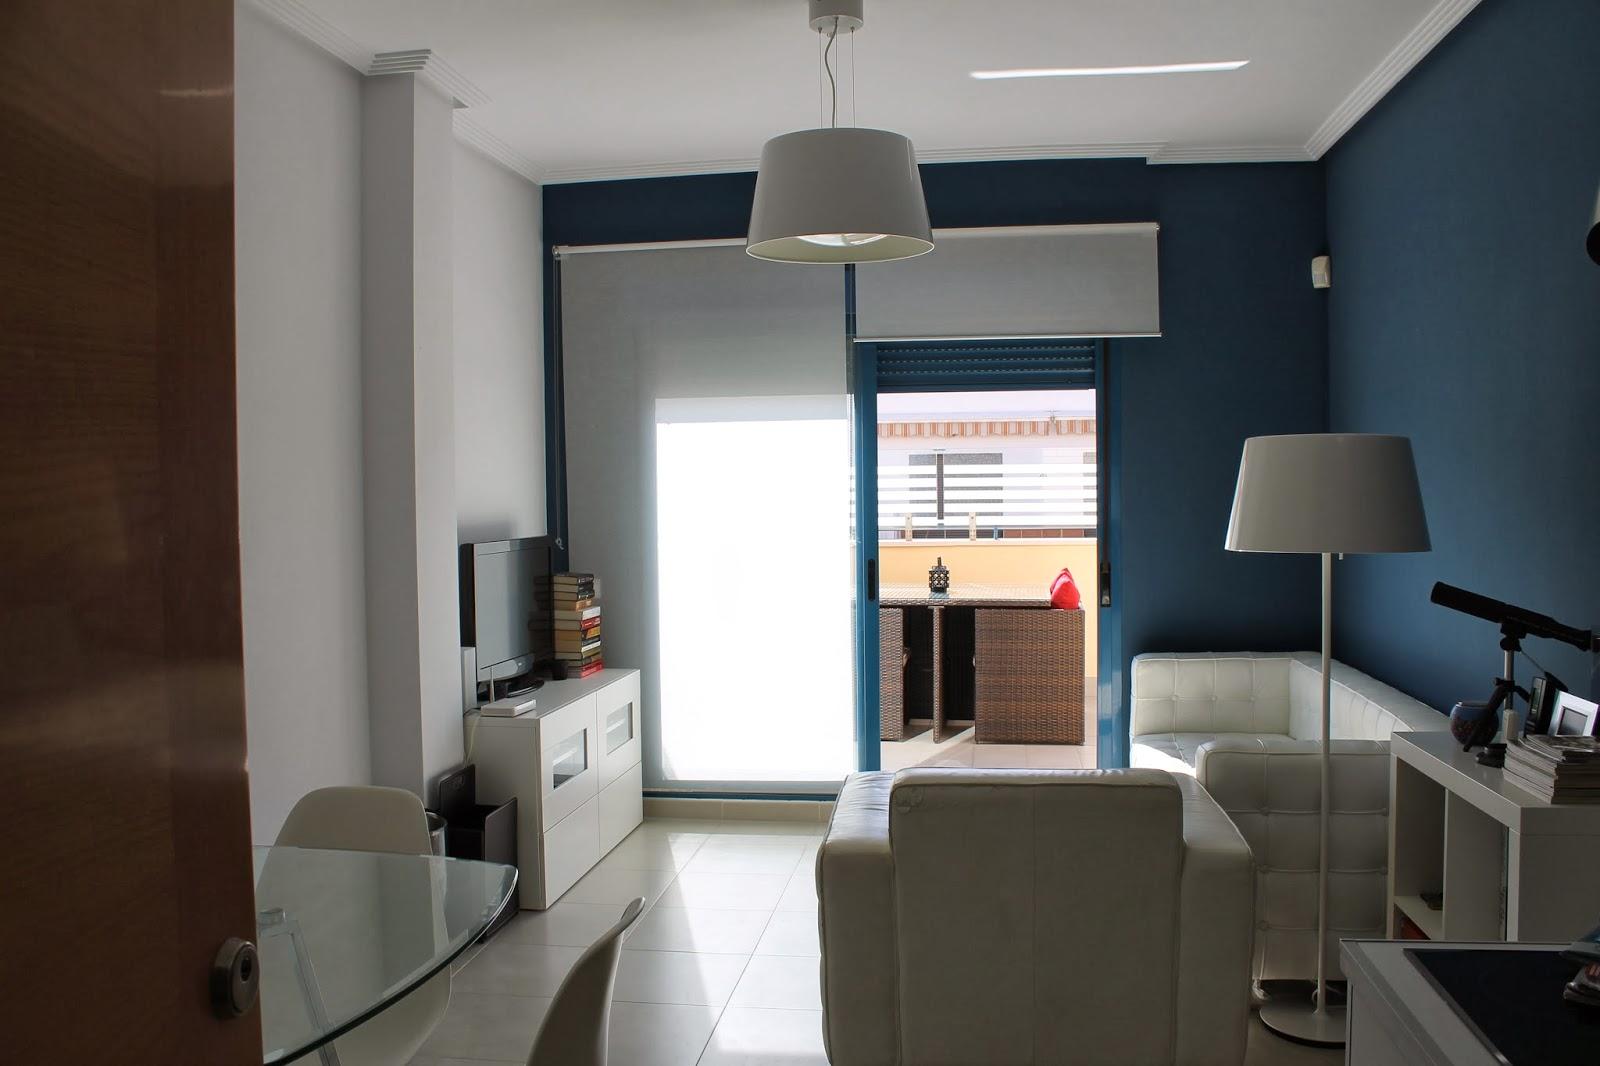 Decoracion Apartamentos Playa ~   oBRa DeCORACI?n DE ApARTAMENTo DE PLaYA  EL BLOG DE ANTONIO BURGOS